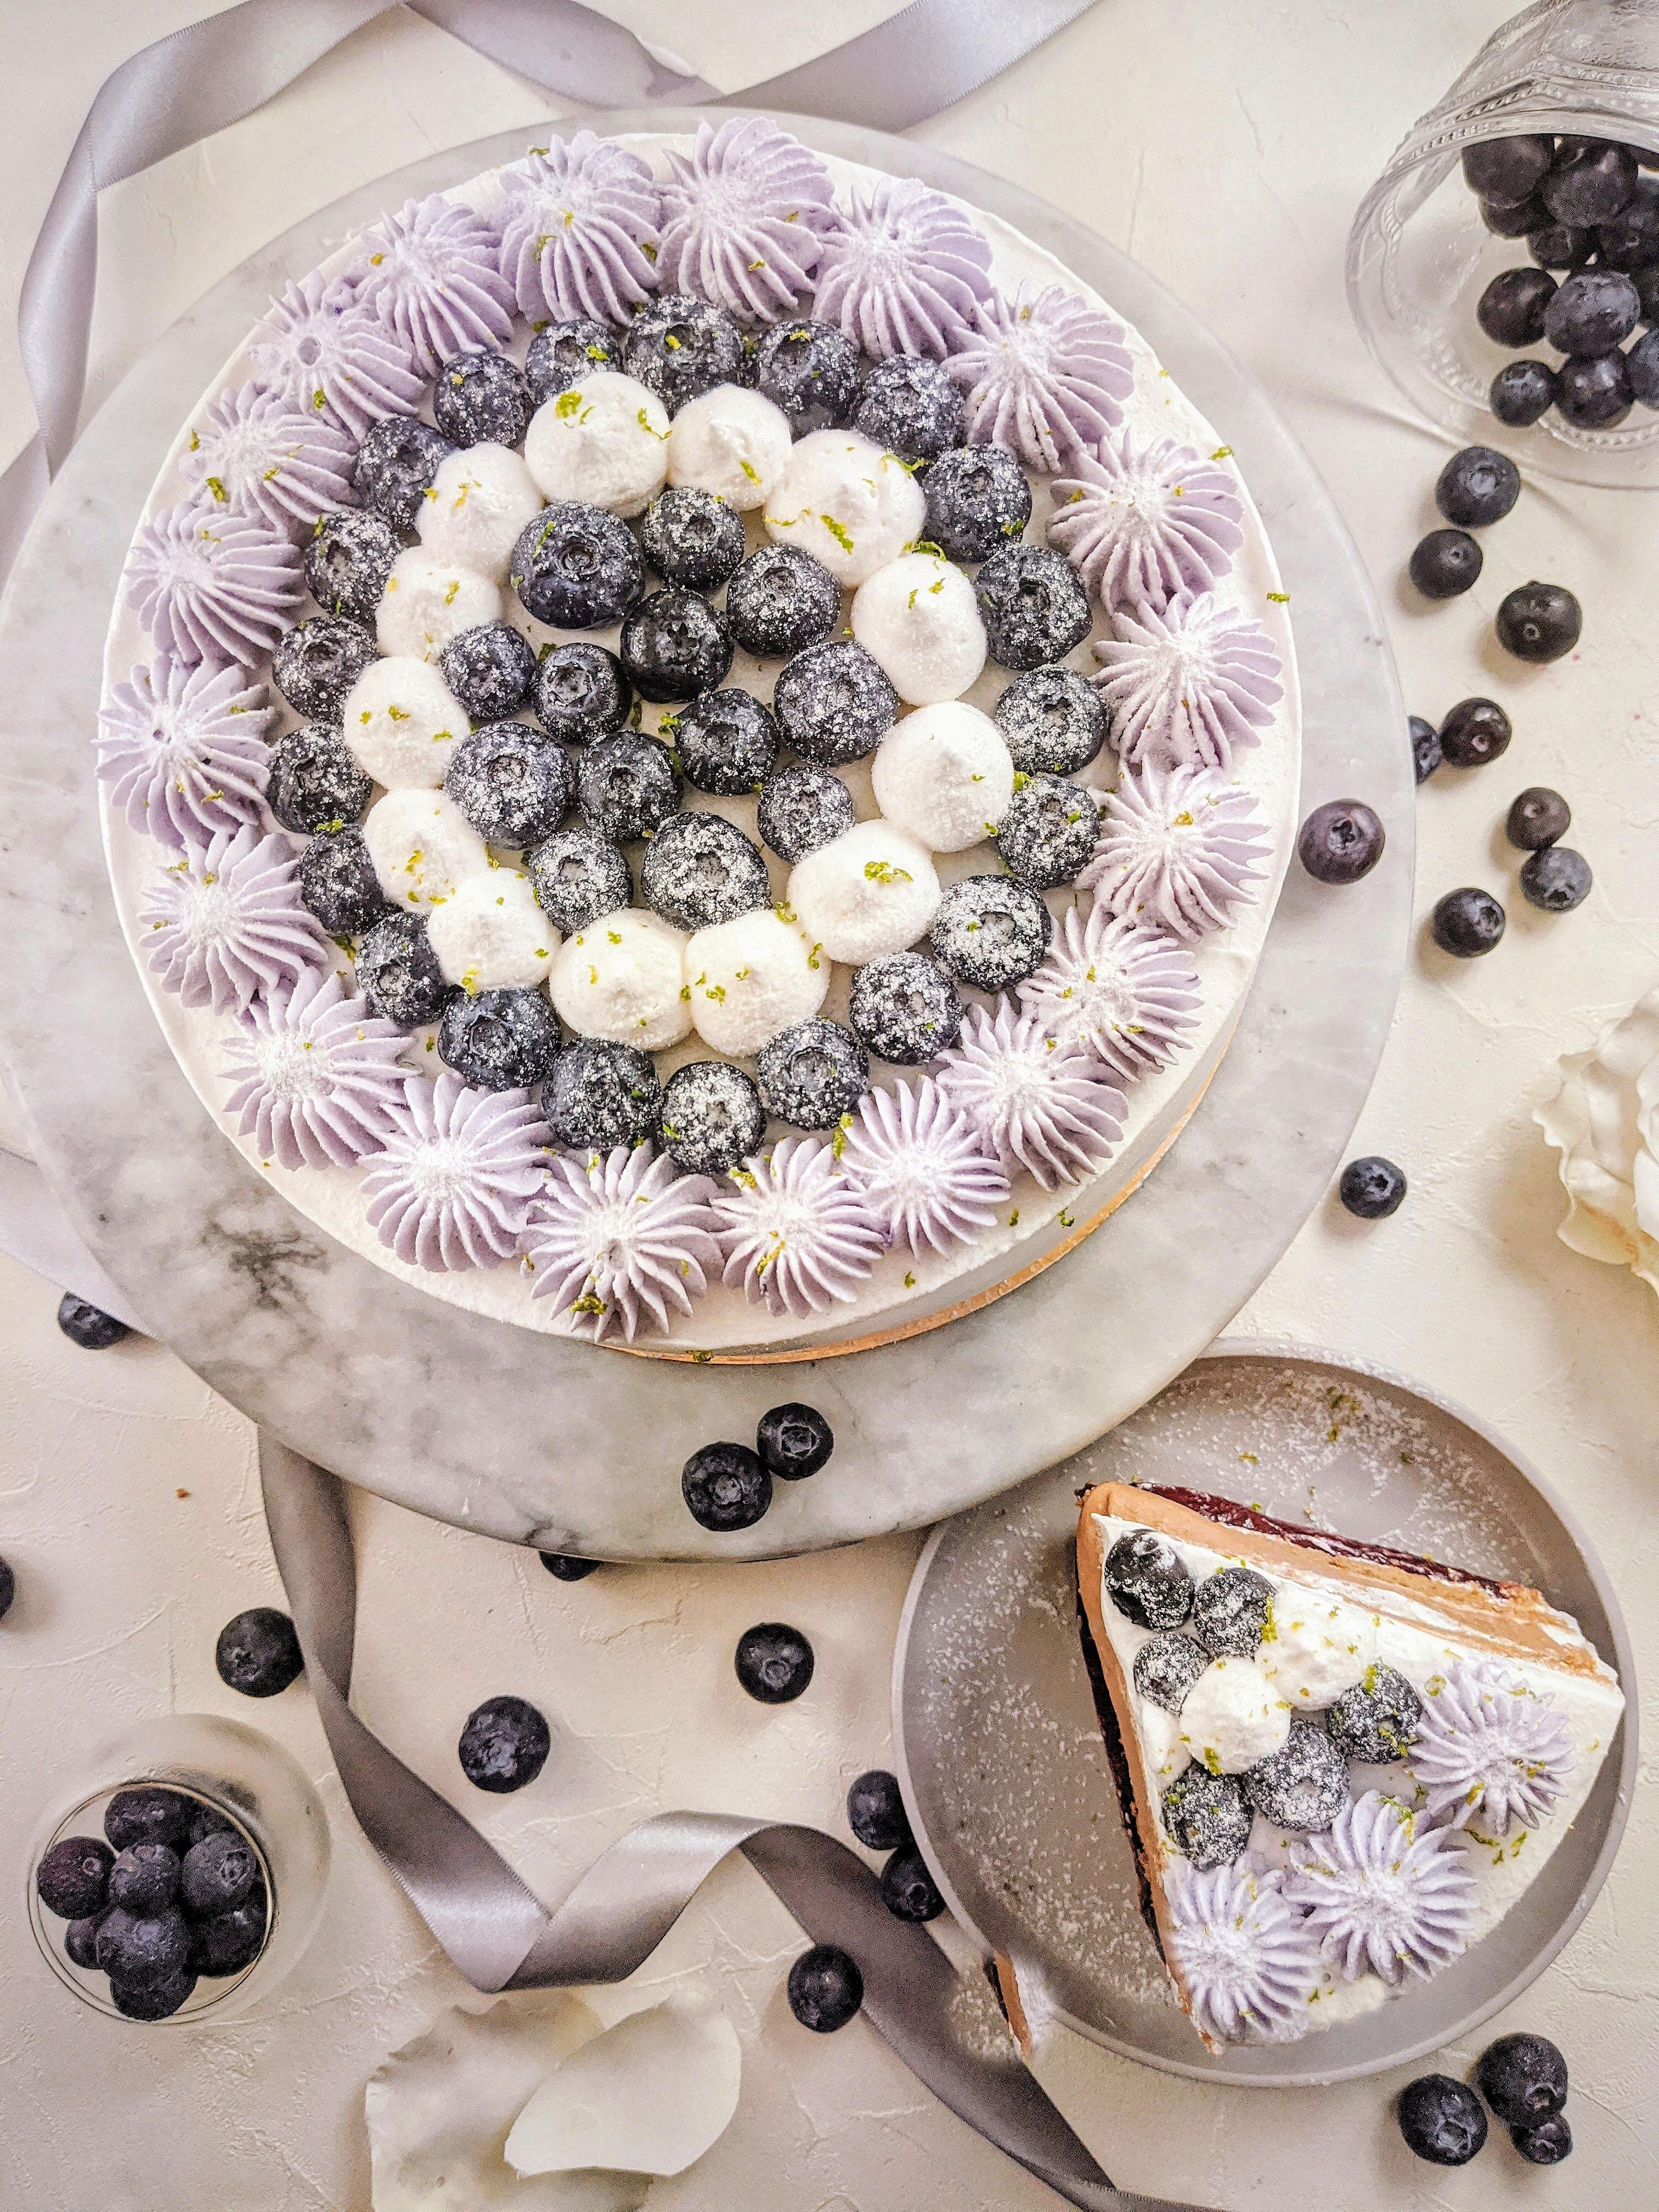 生日/節慶蛋糕